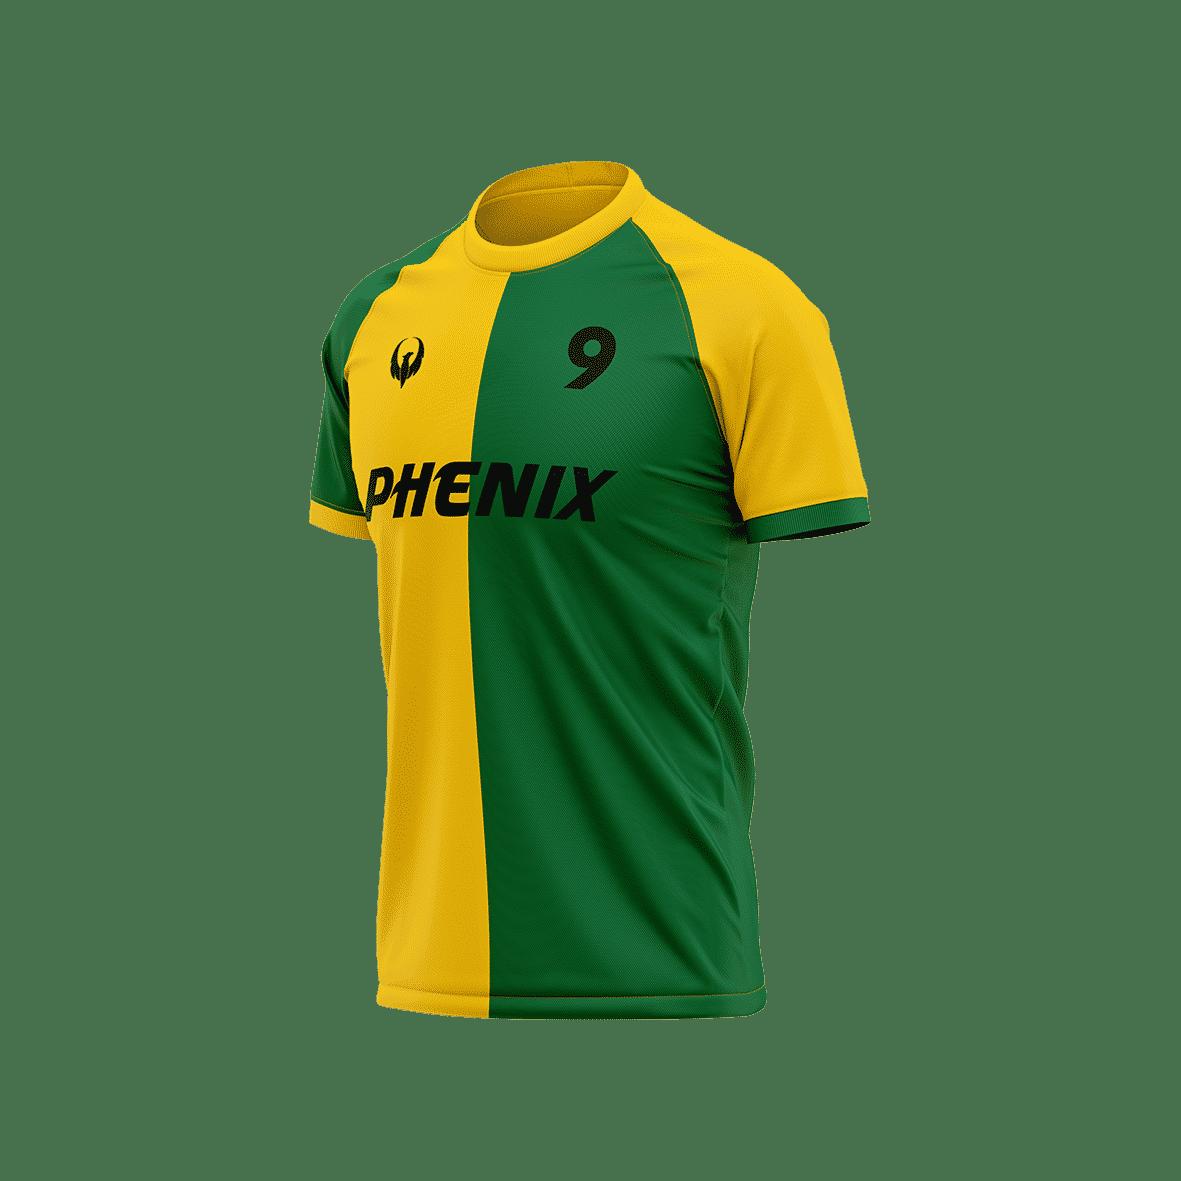 maillot-phenix-sport-club-9